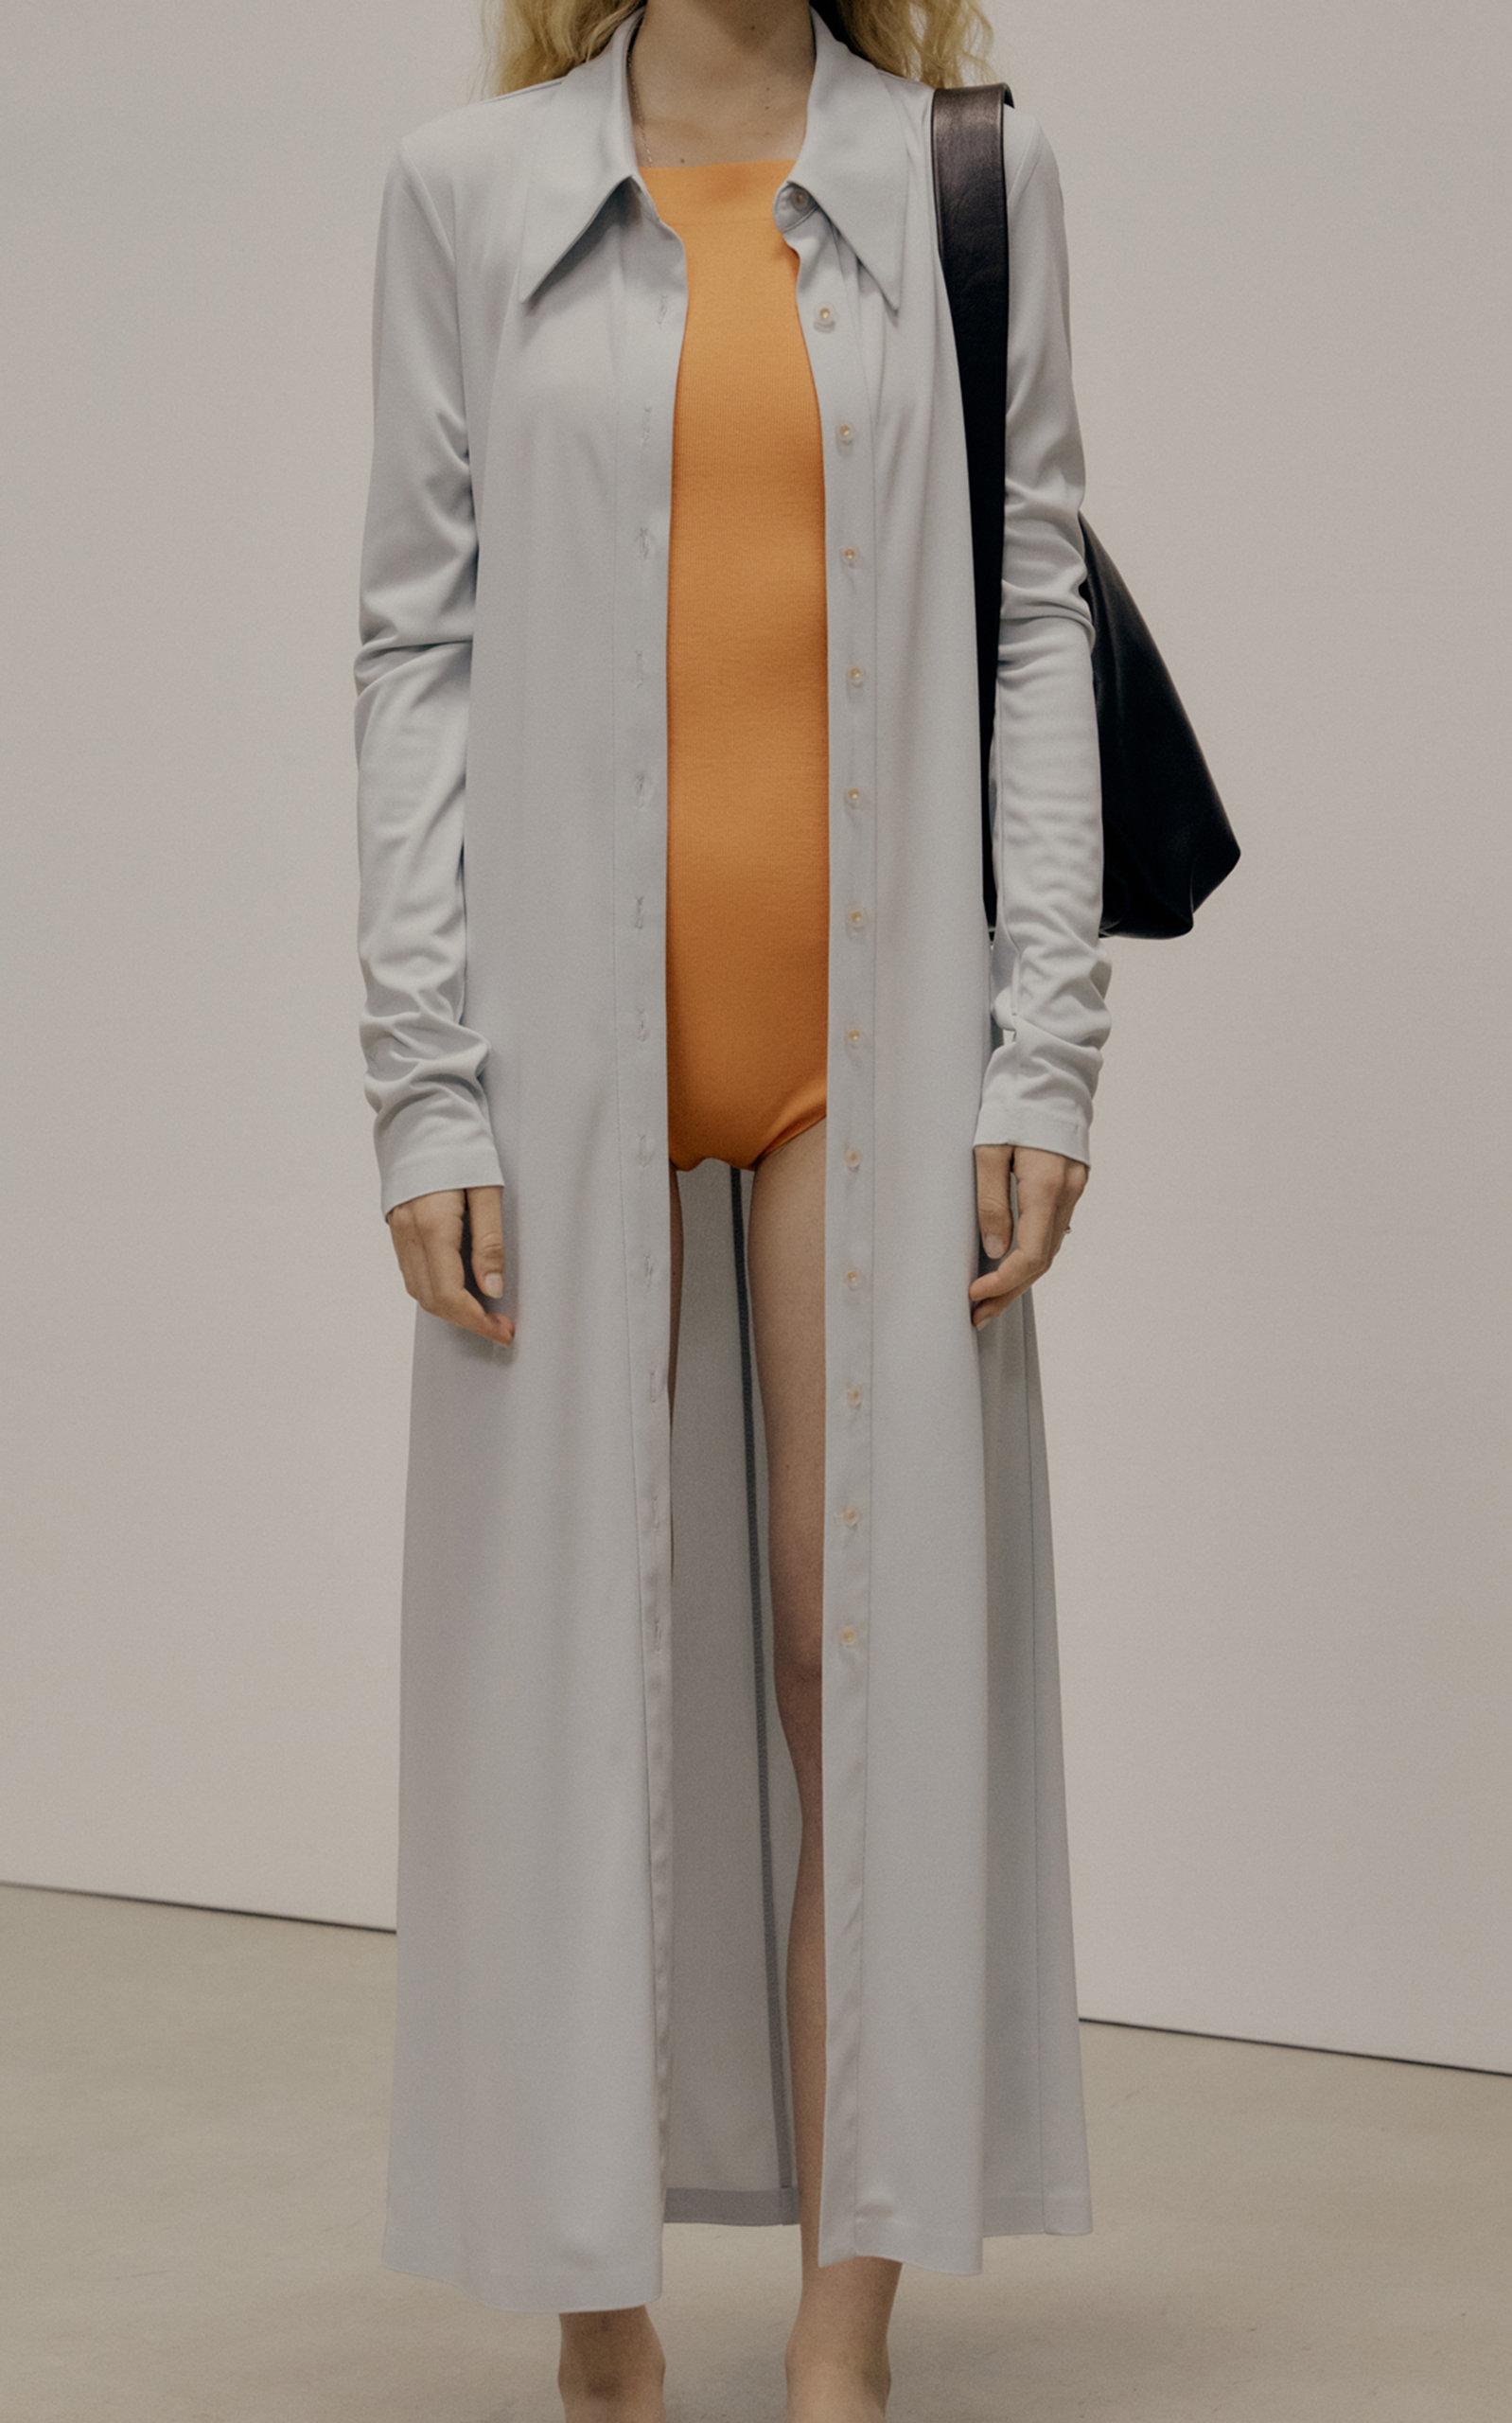 Low Classic WOMEN'S JERSEY MAXI SHIRT DRESS